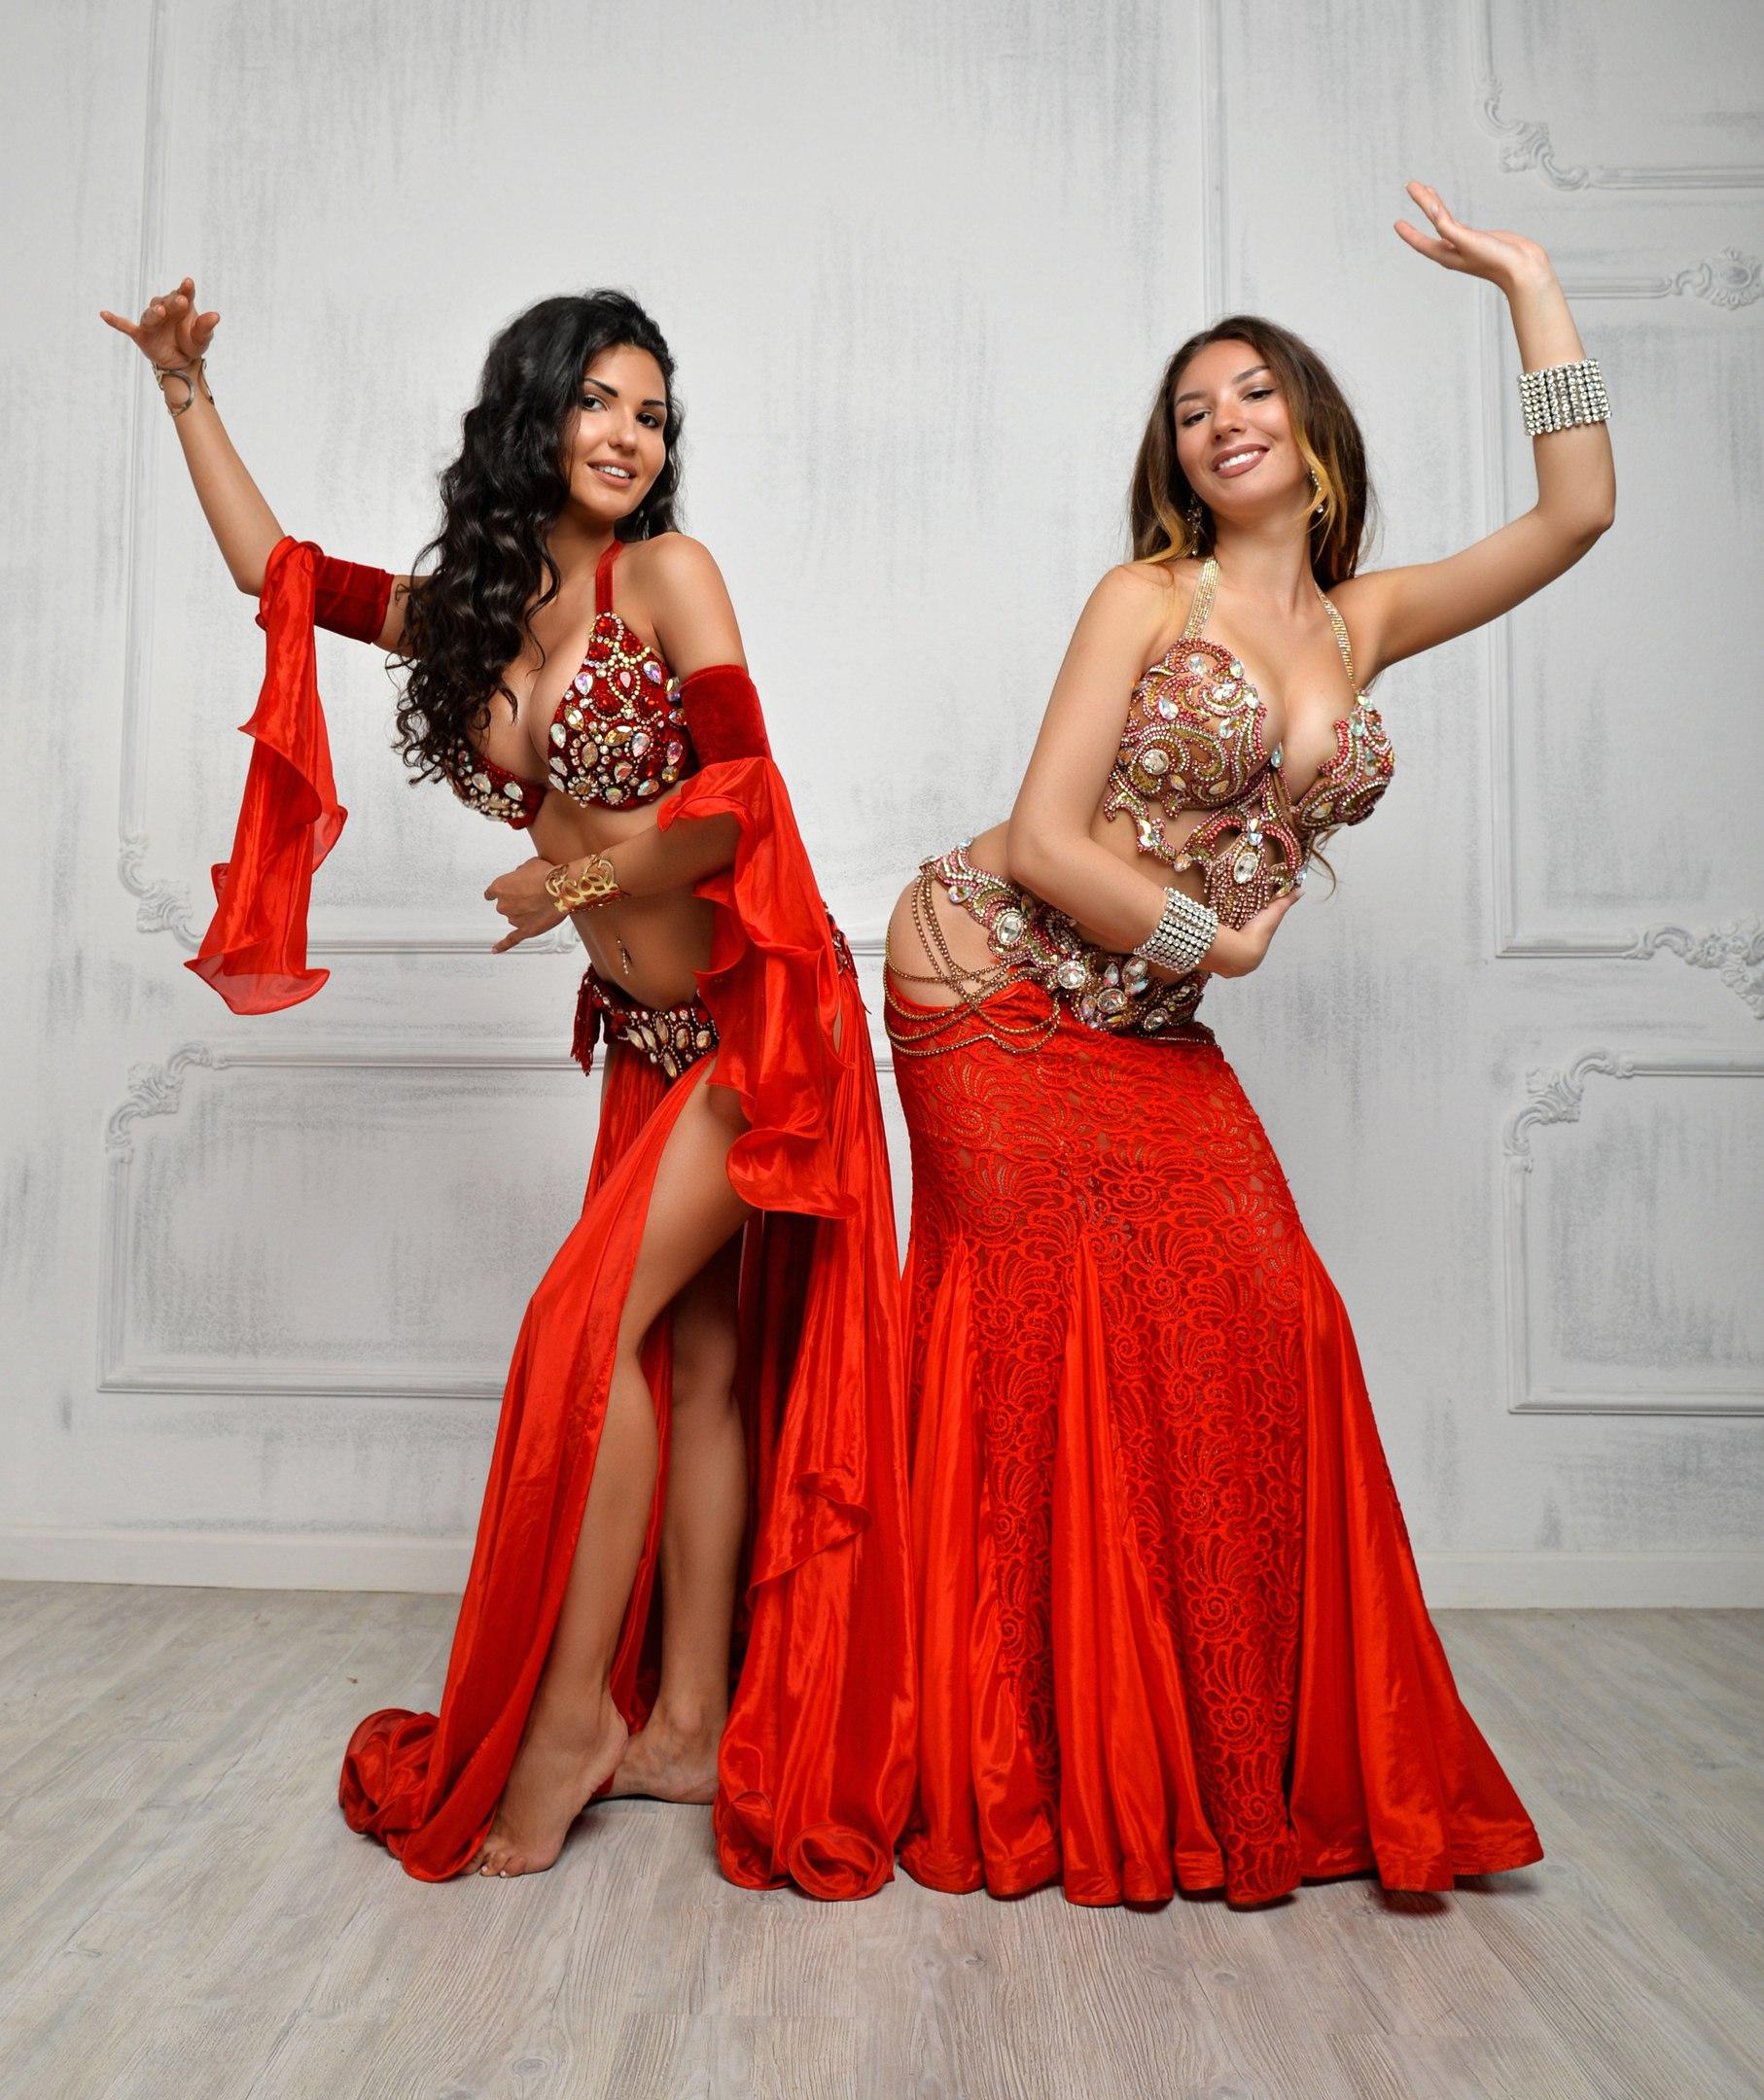 Восточные танцы линда шоу